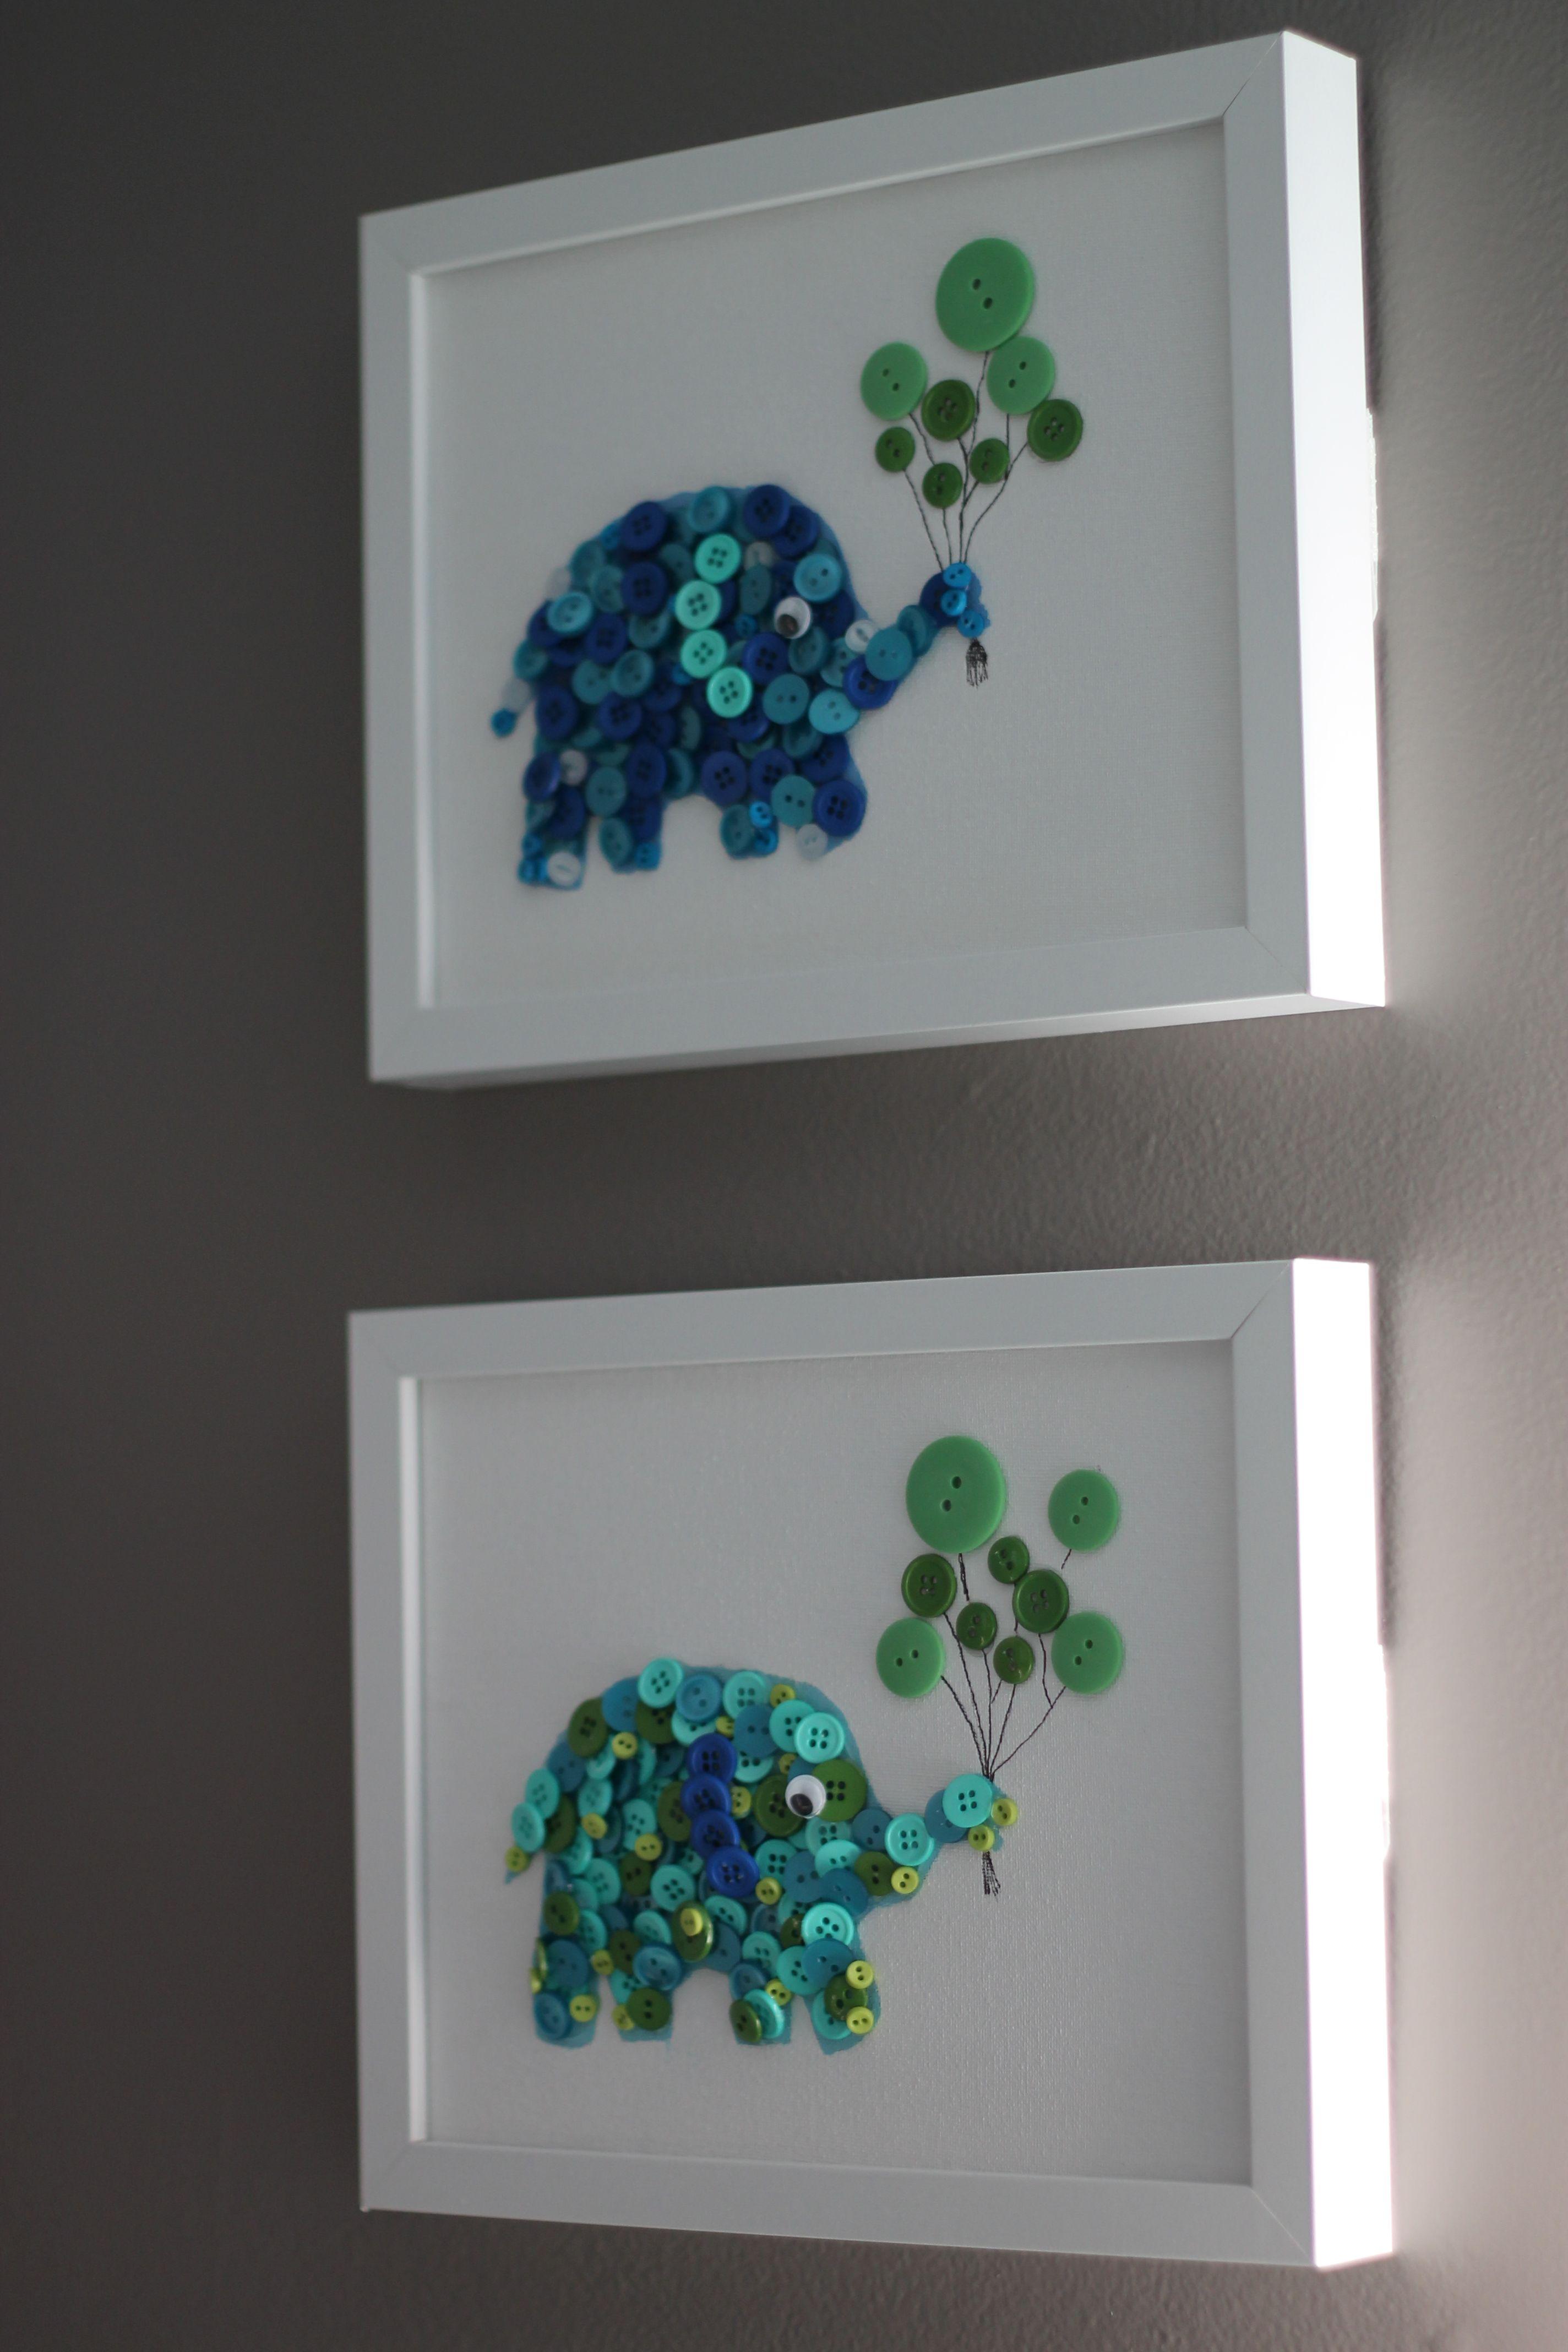 Nouveauté Boutons x 10 Pack papillon cœur Caterpillar 5 Designs Craft Topper